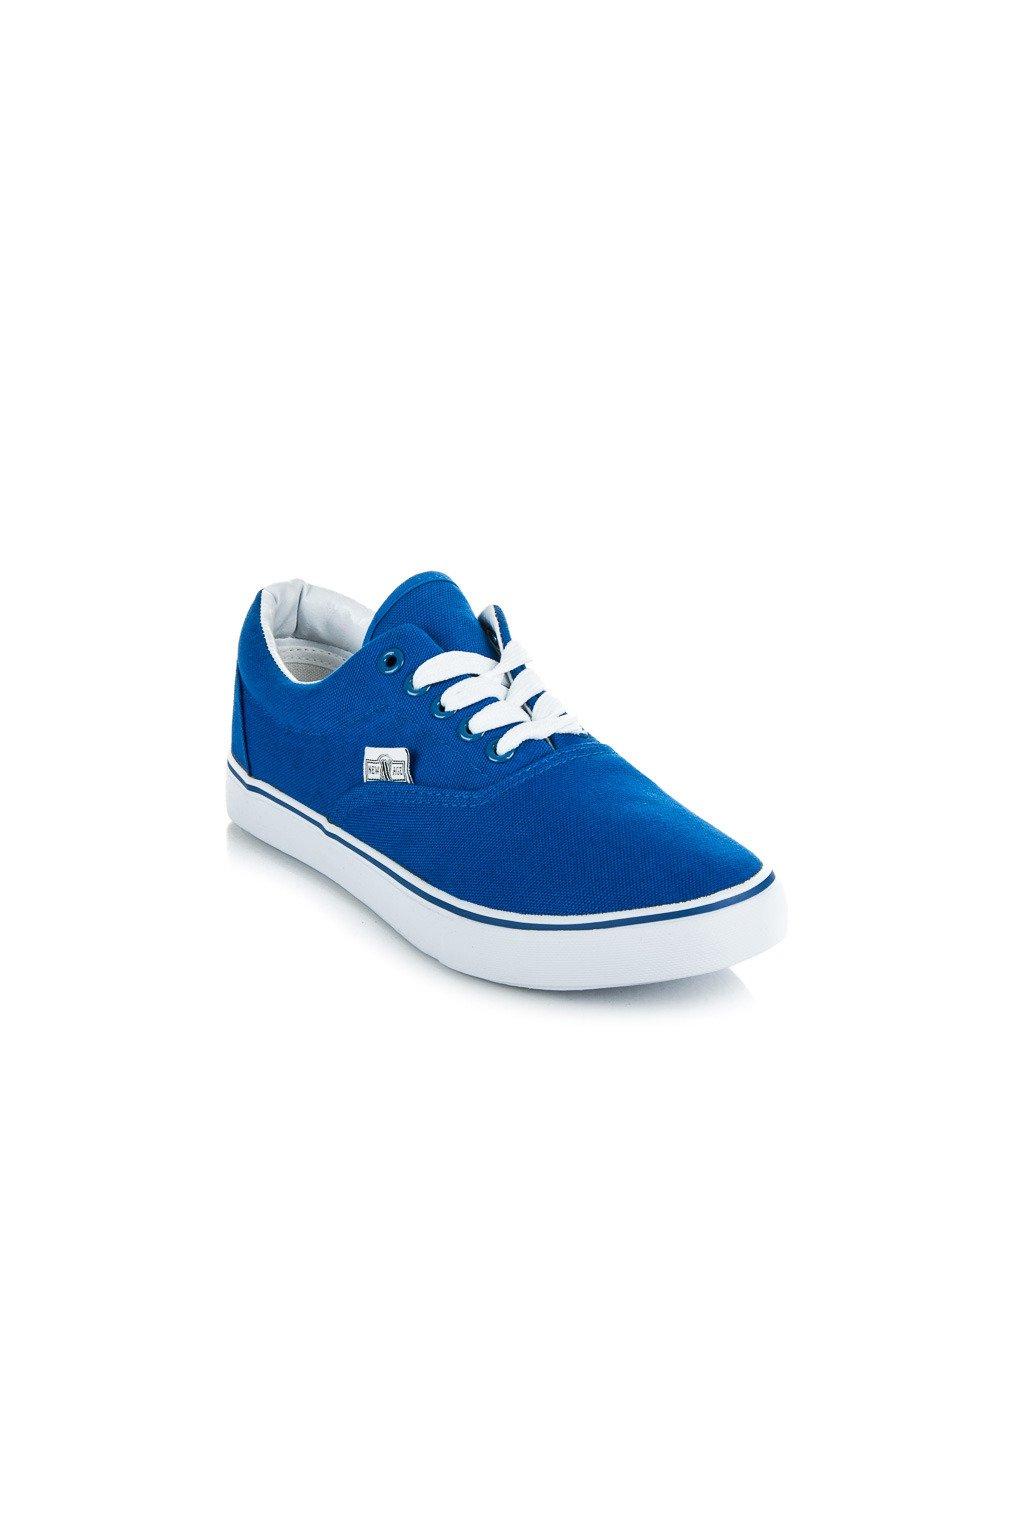 ... Plátené tenisky modré New Age ... 9daf8ef655b